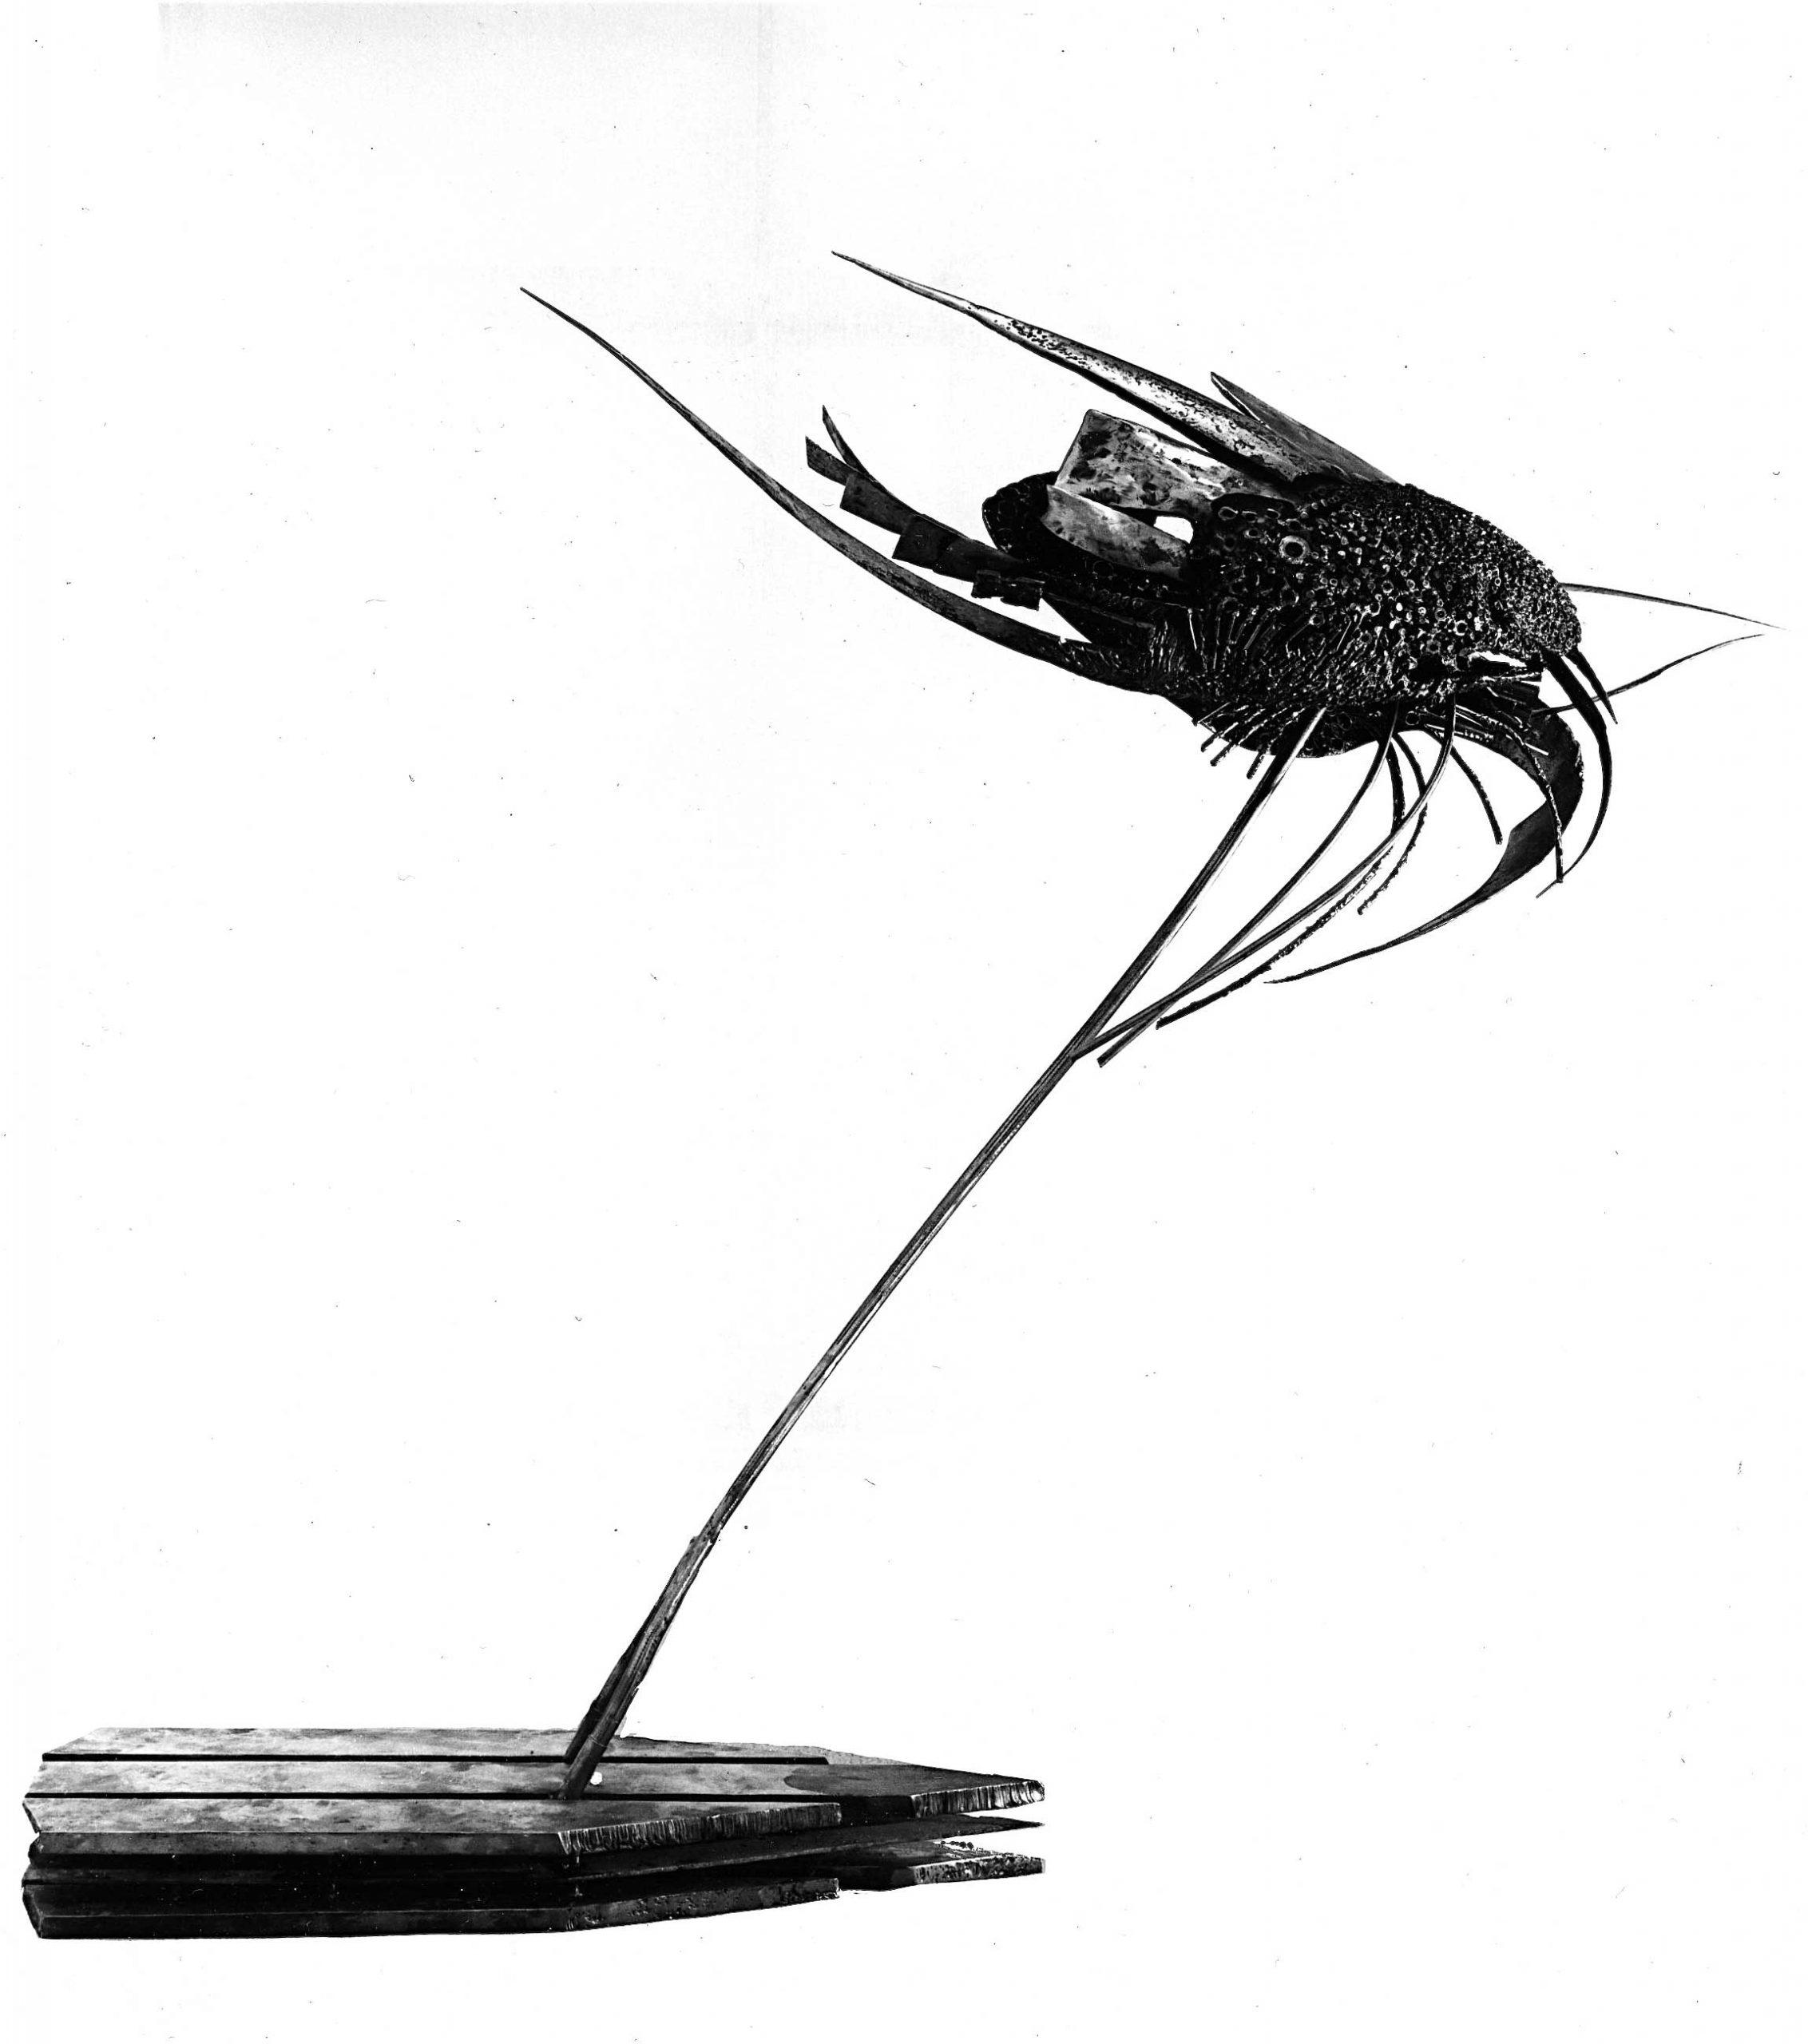 Le-molusque-01